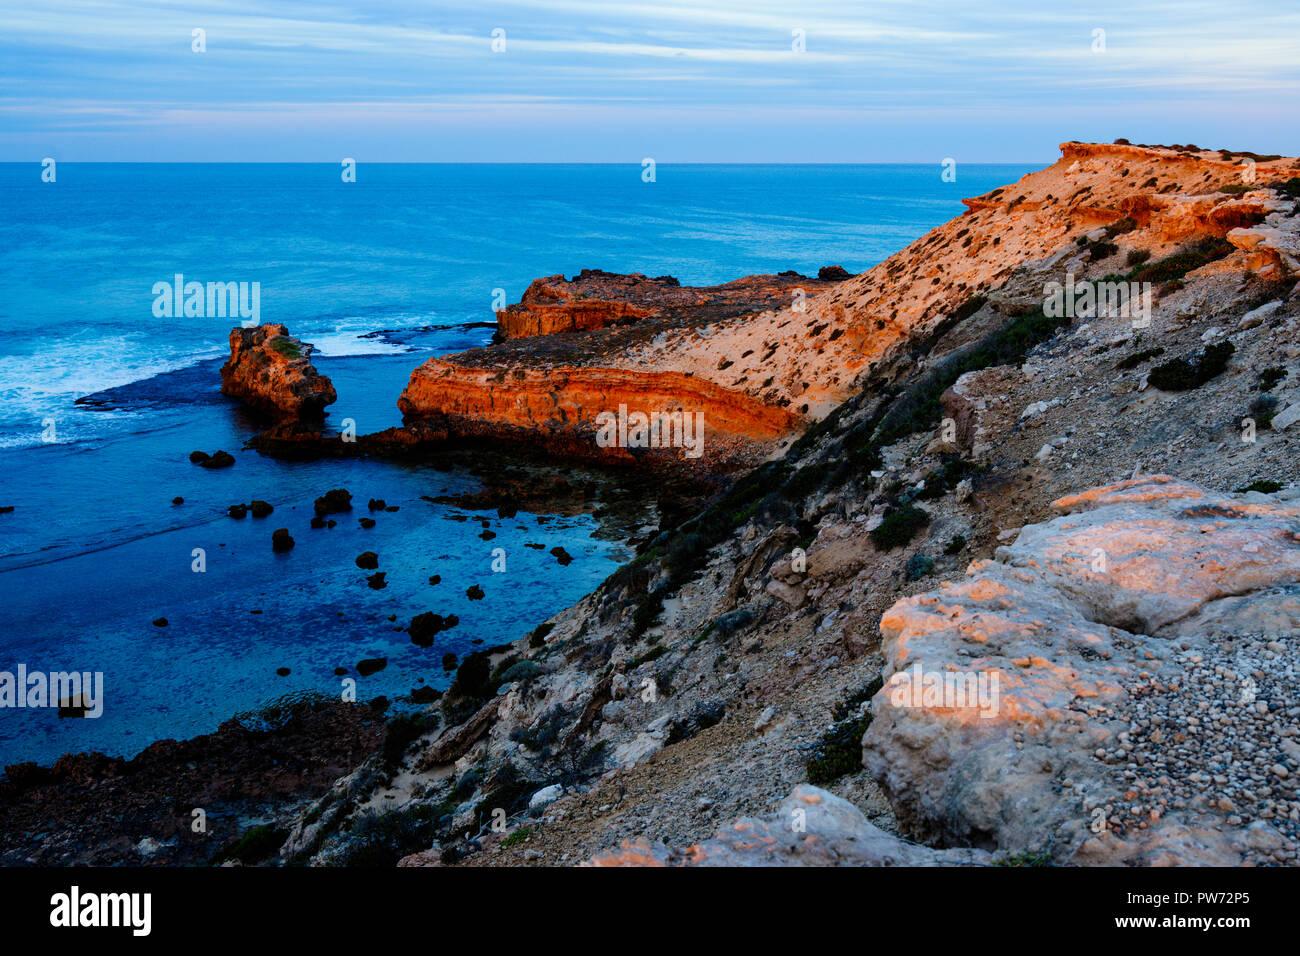 Vue sur les falaises côtières le long de la falaise de la baie anxieux de boucle. Elliston Australie du Sud Banque D'Images